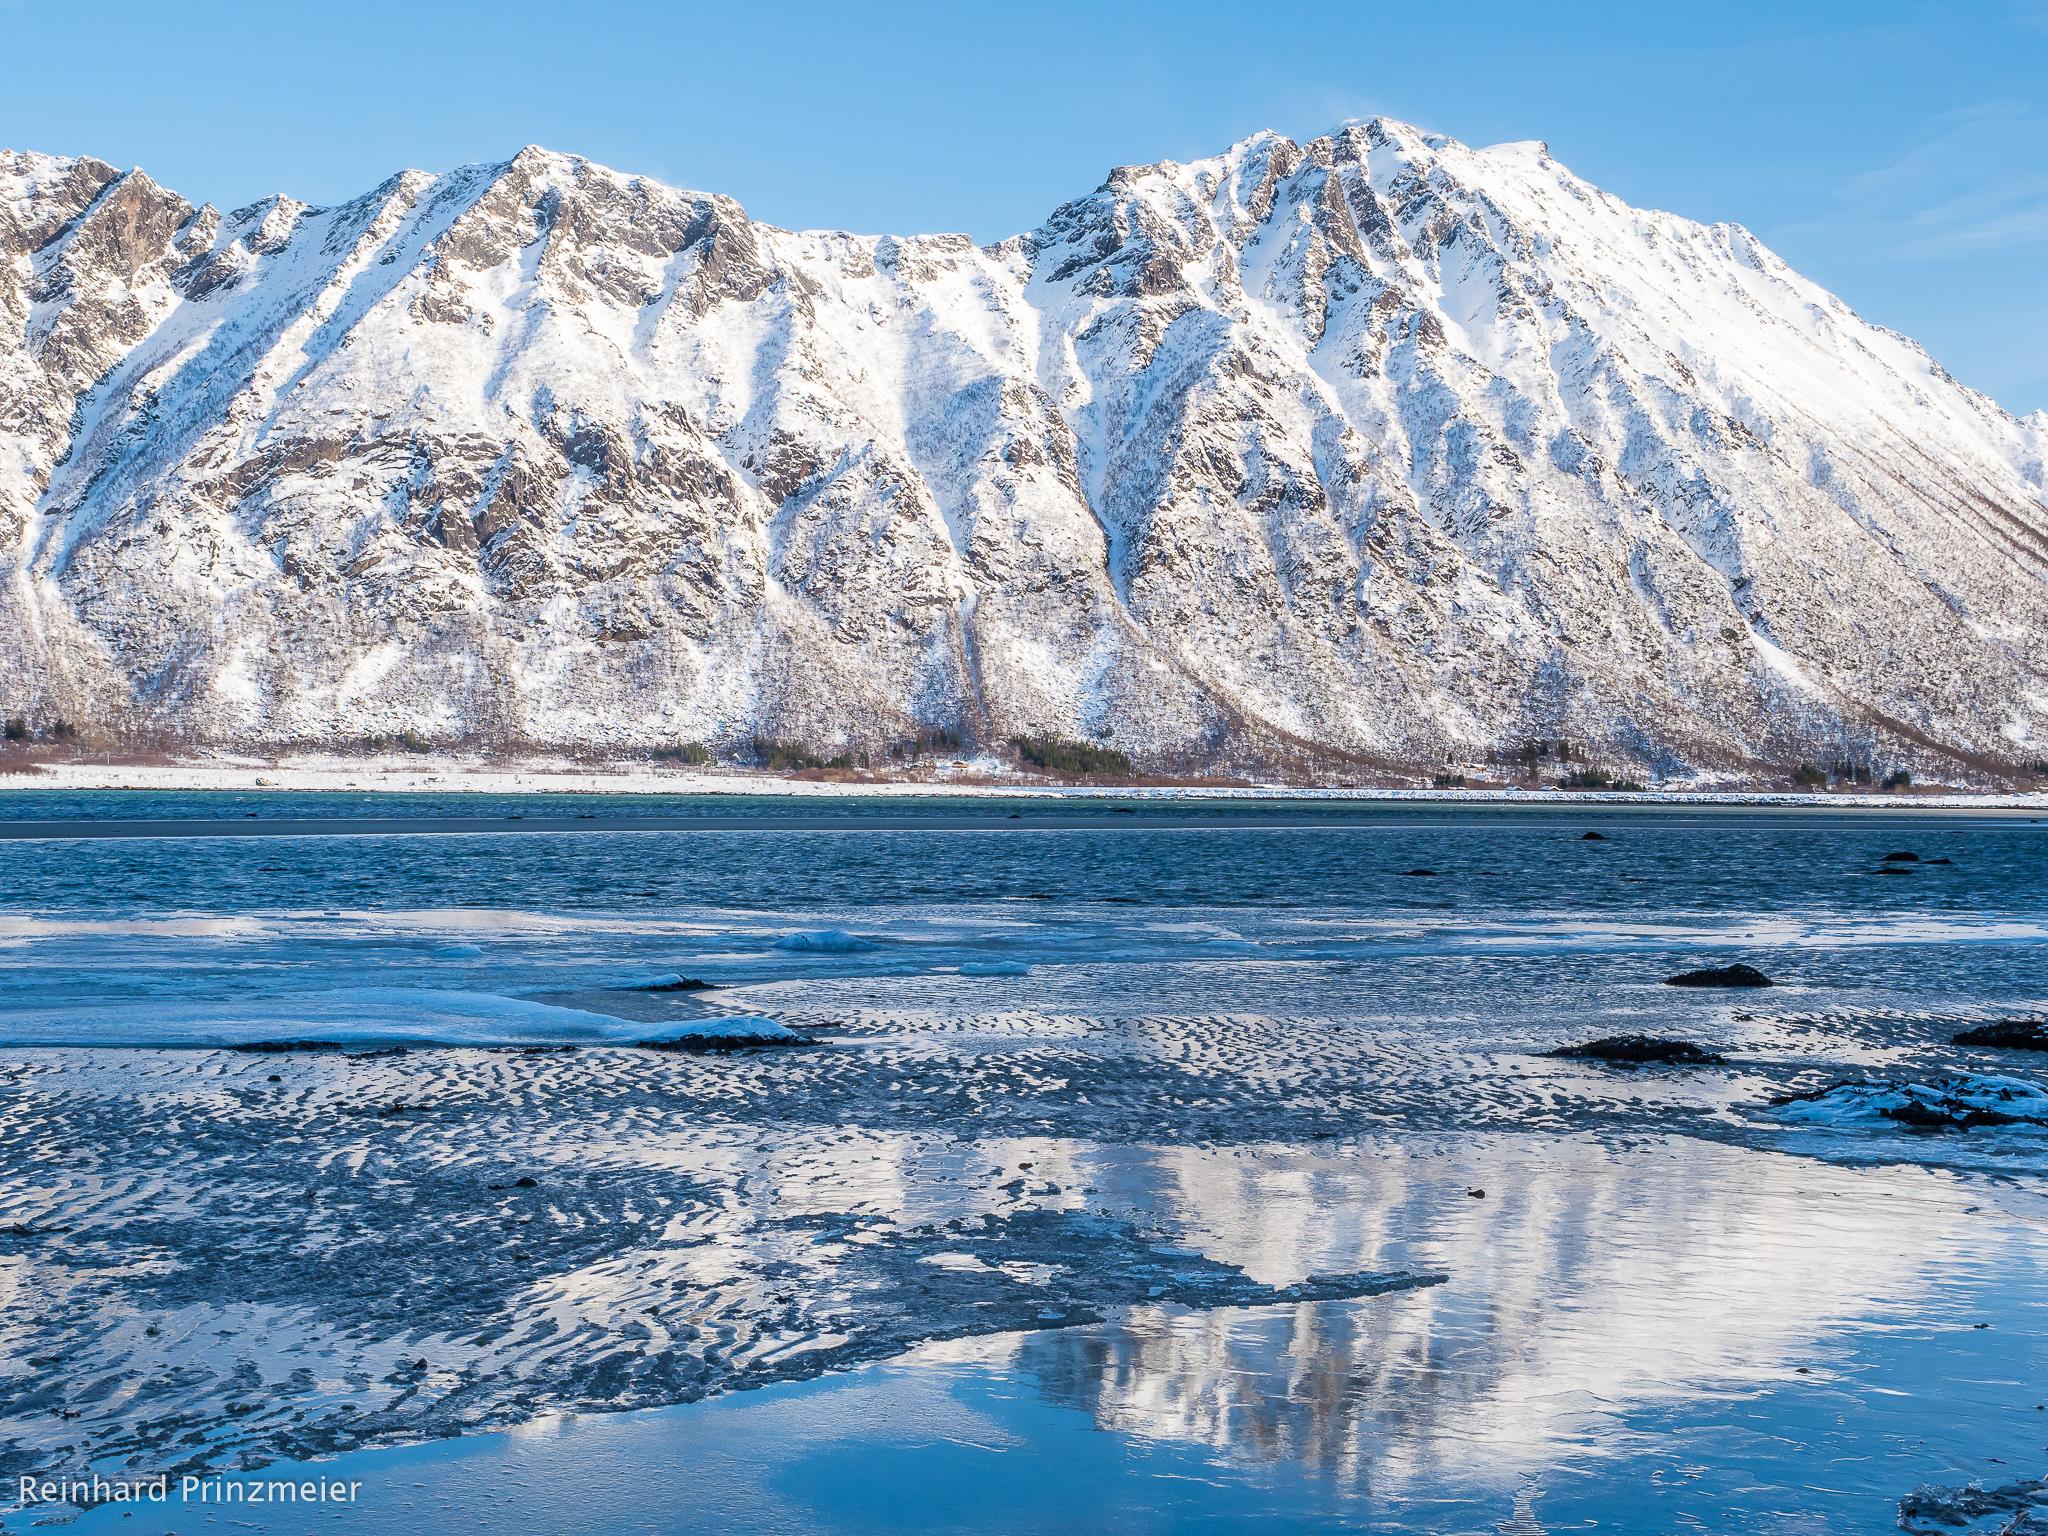 Grunnførfjord, Norway